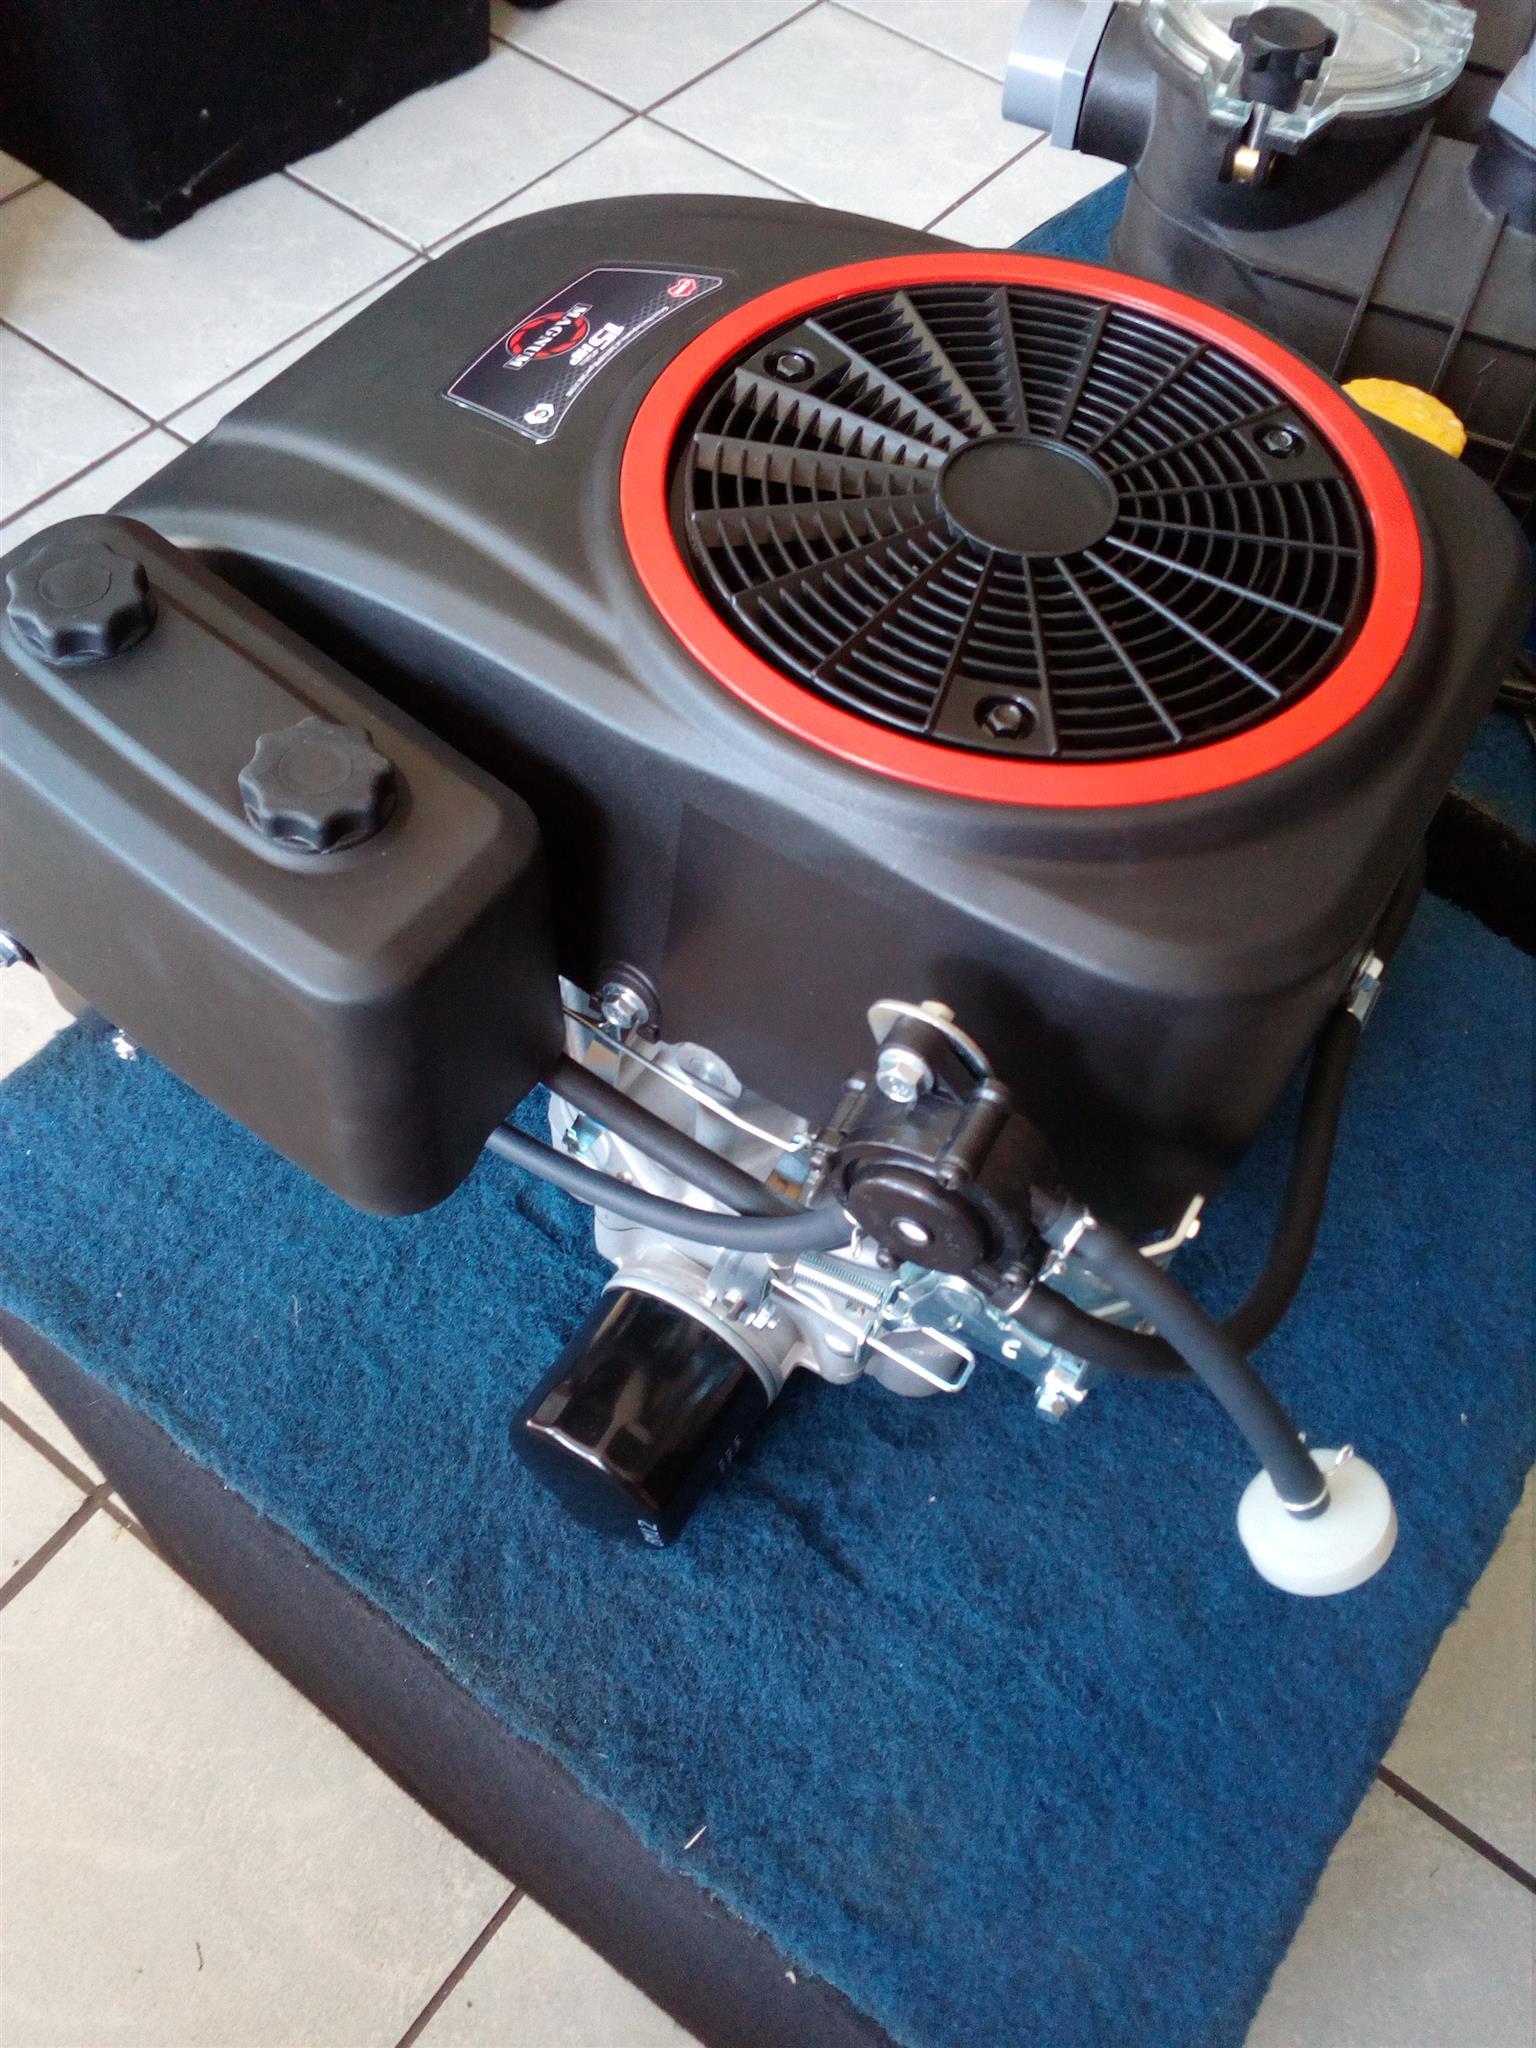 Magnum V150/15hp Petrol Engine Vertical Shaft price incl vat